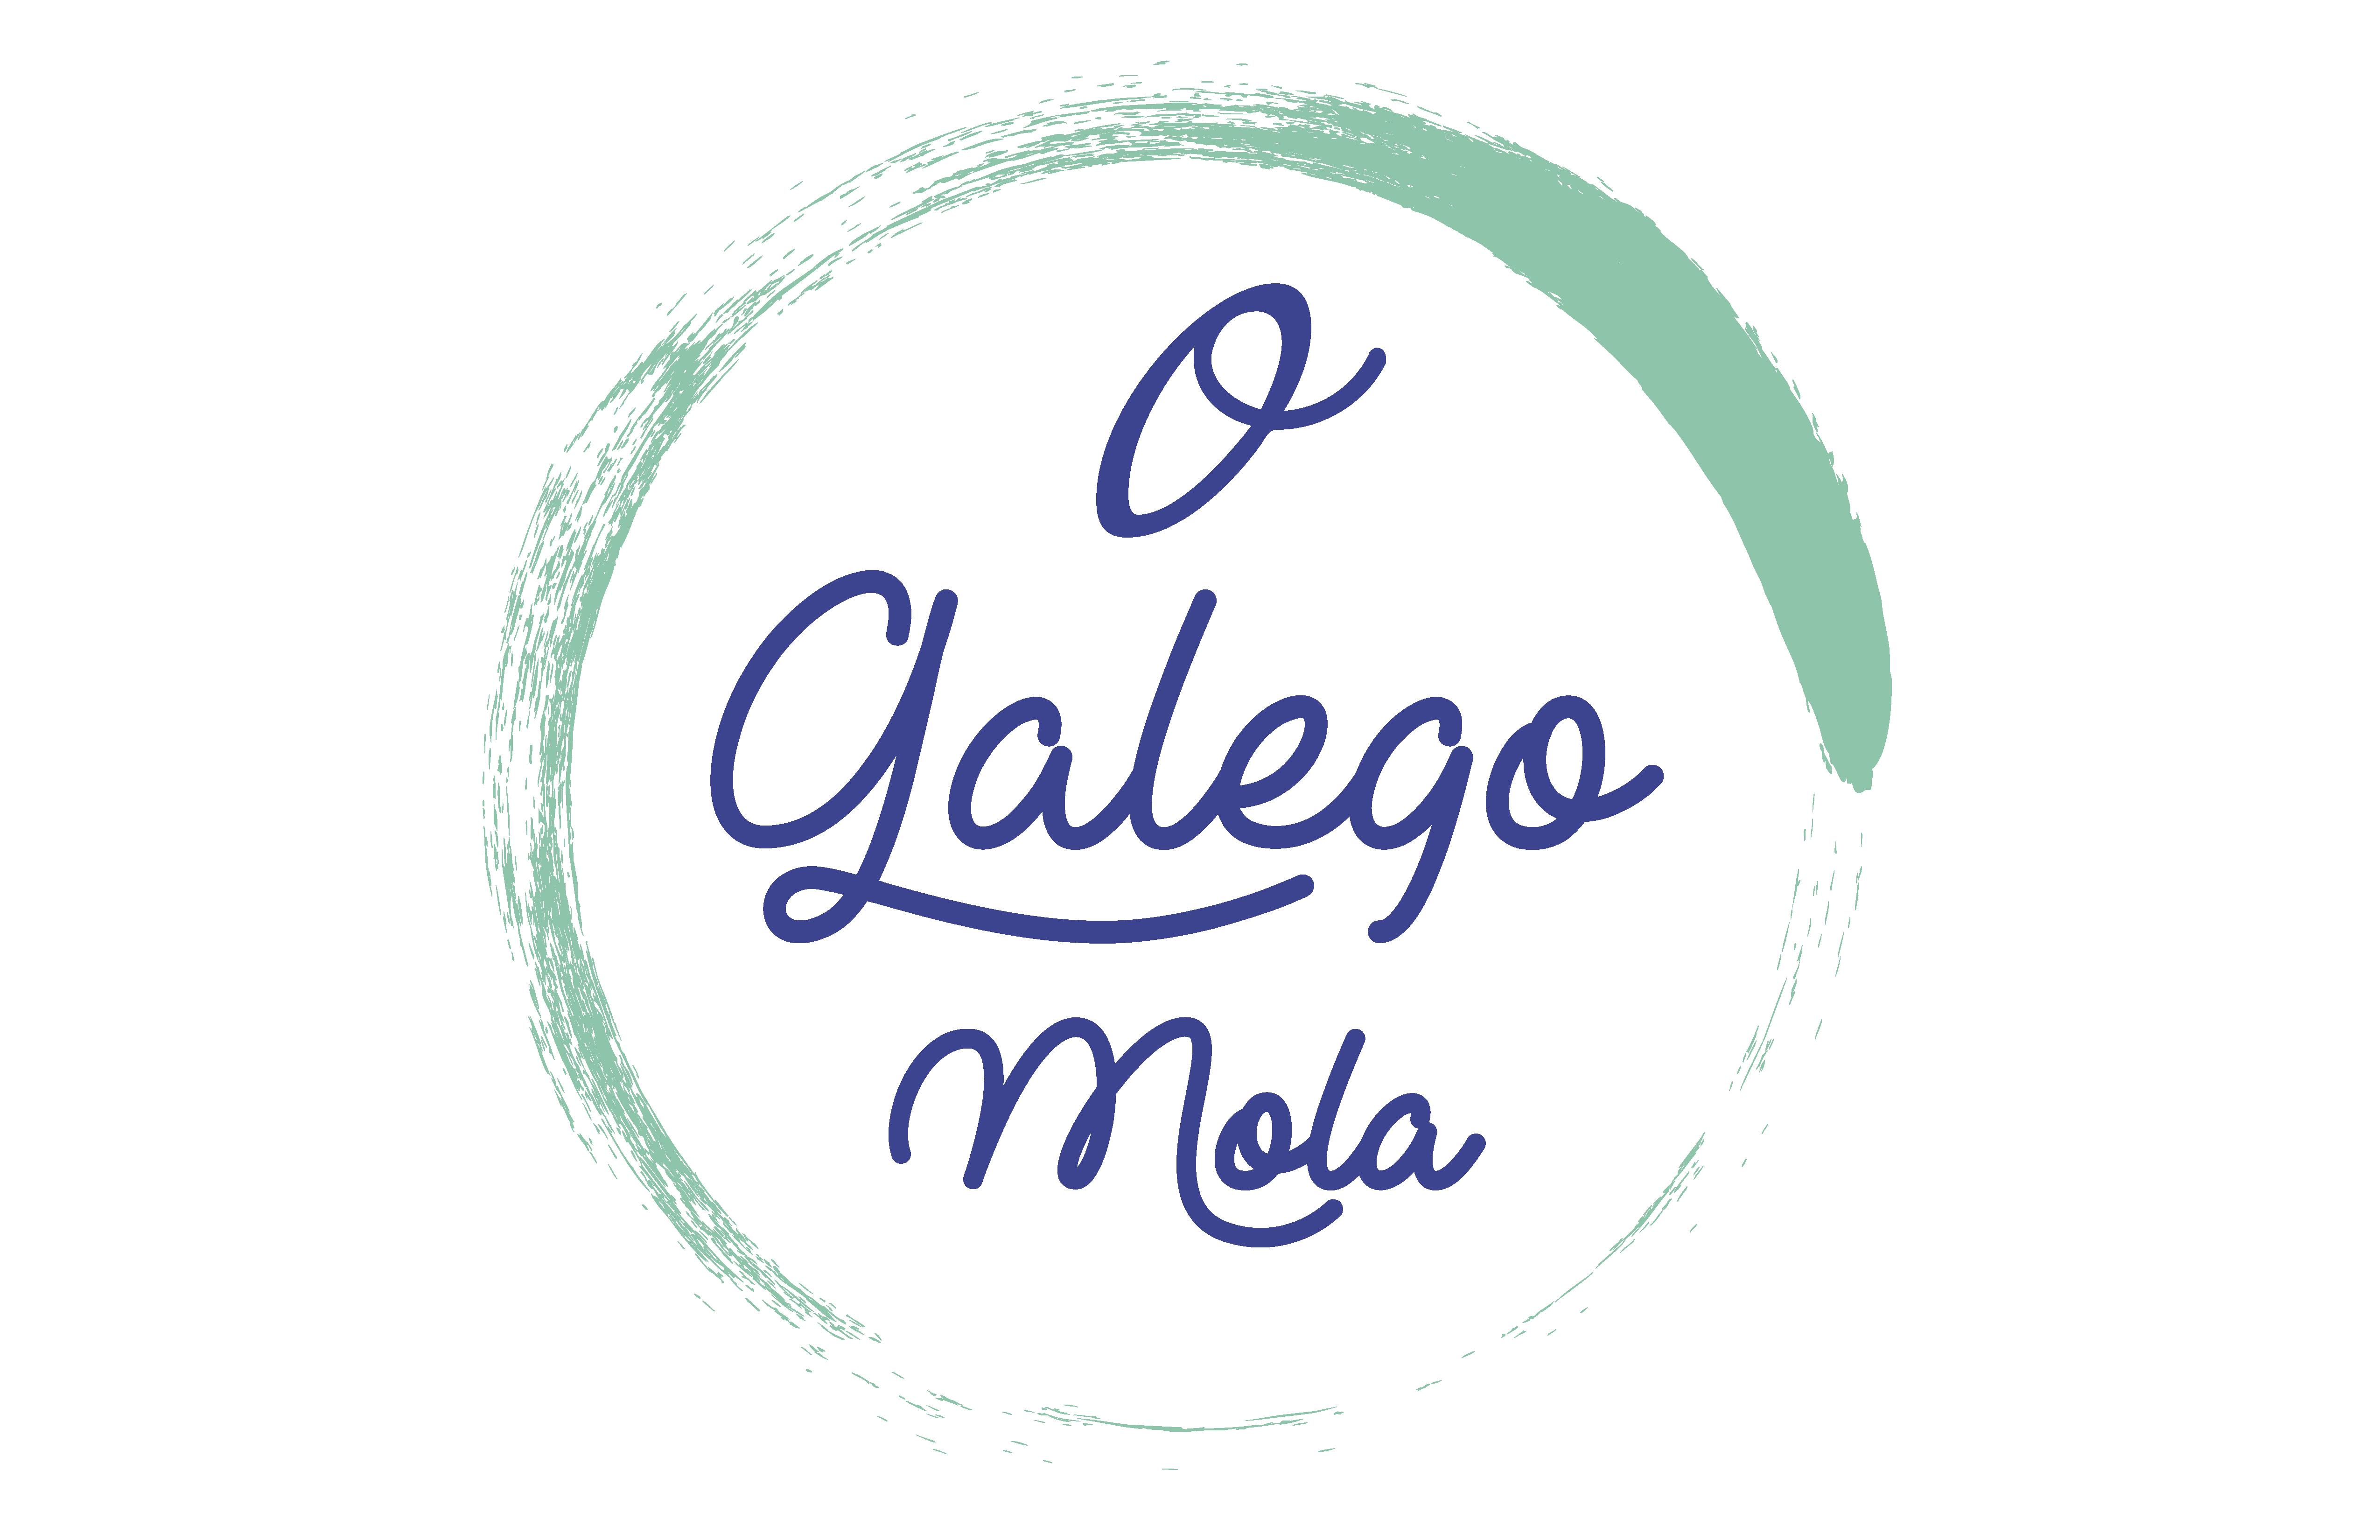 O Galego Mola